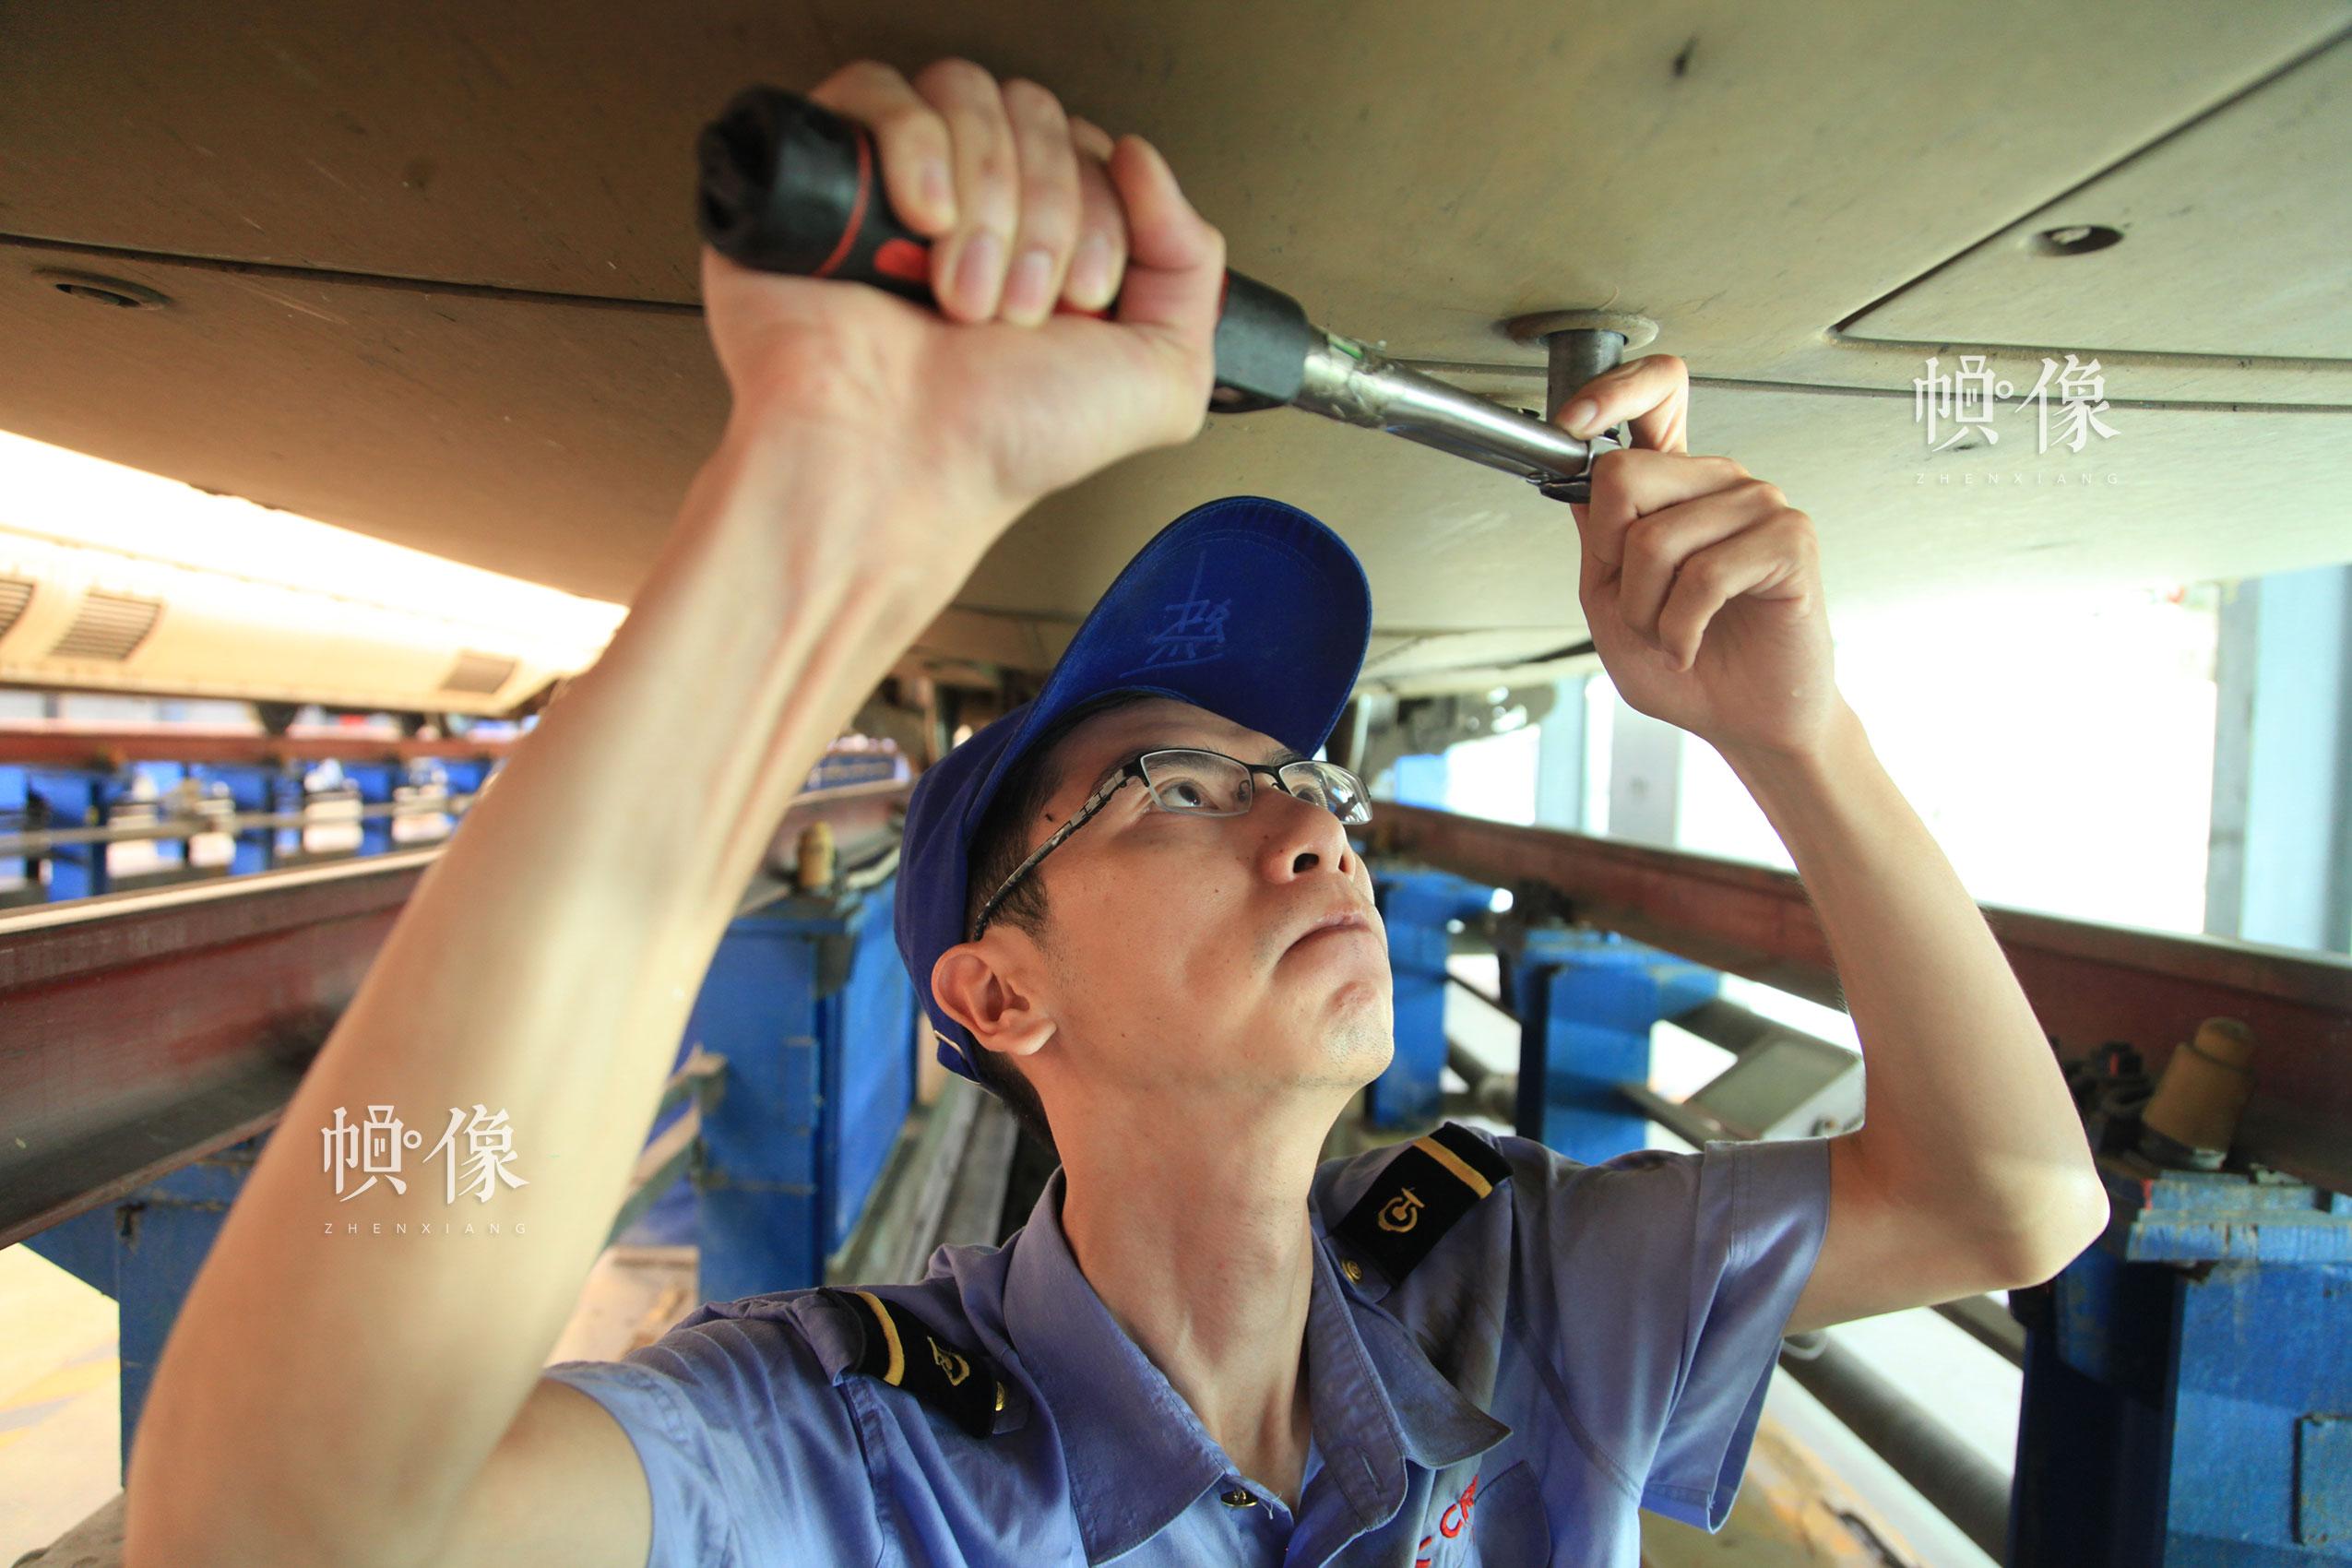 作业人员张朝舜进行车底螺栓扭力校验。北京动车段 李博 供图